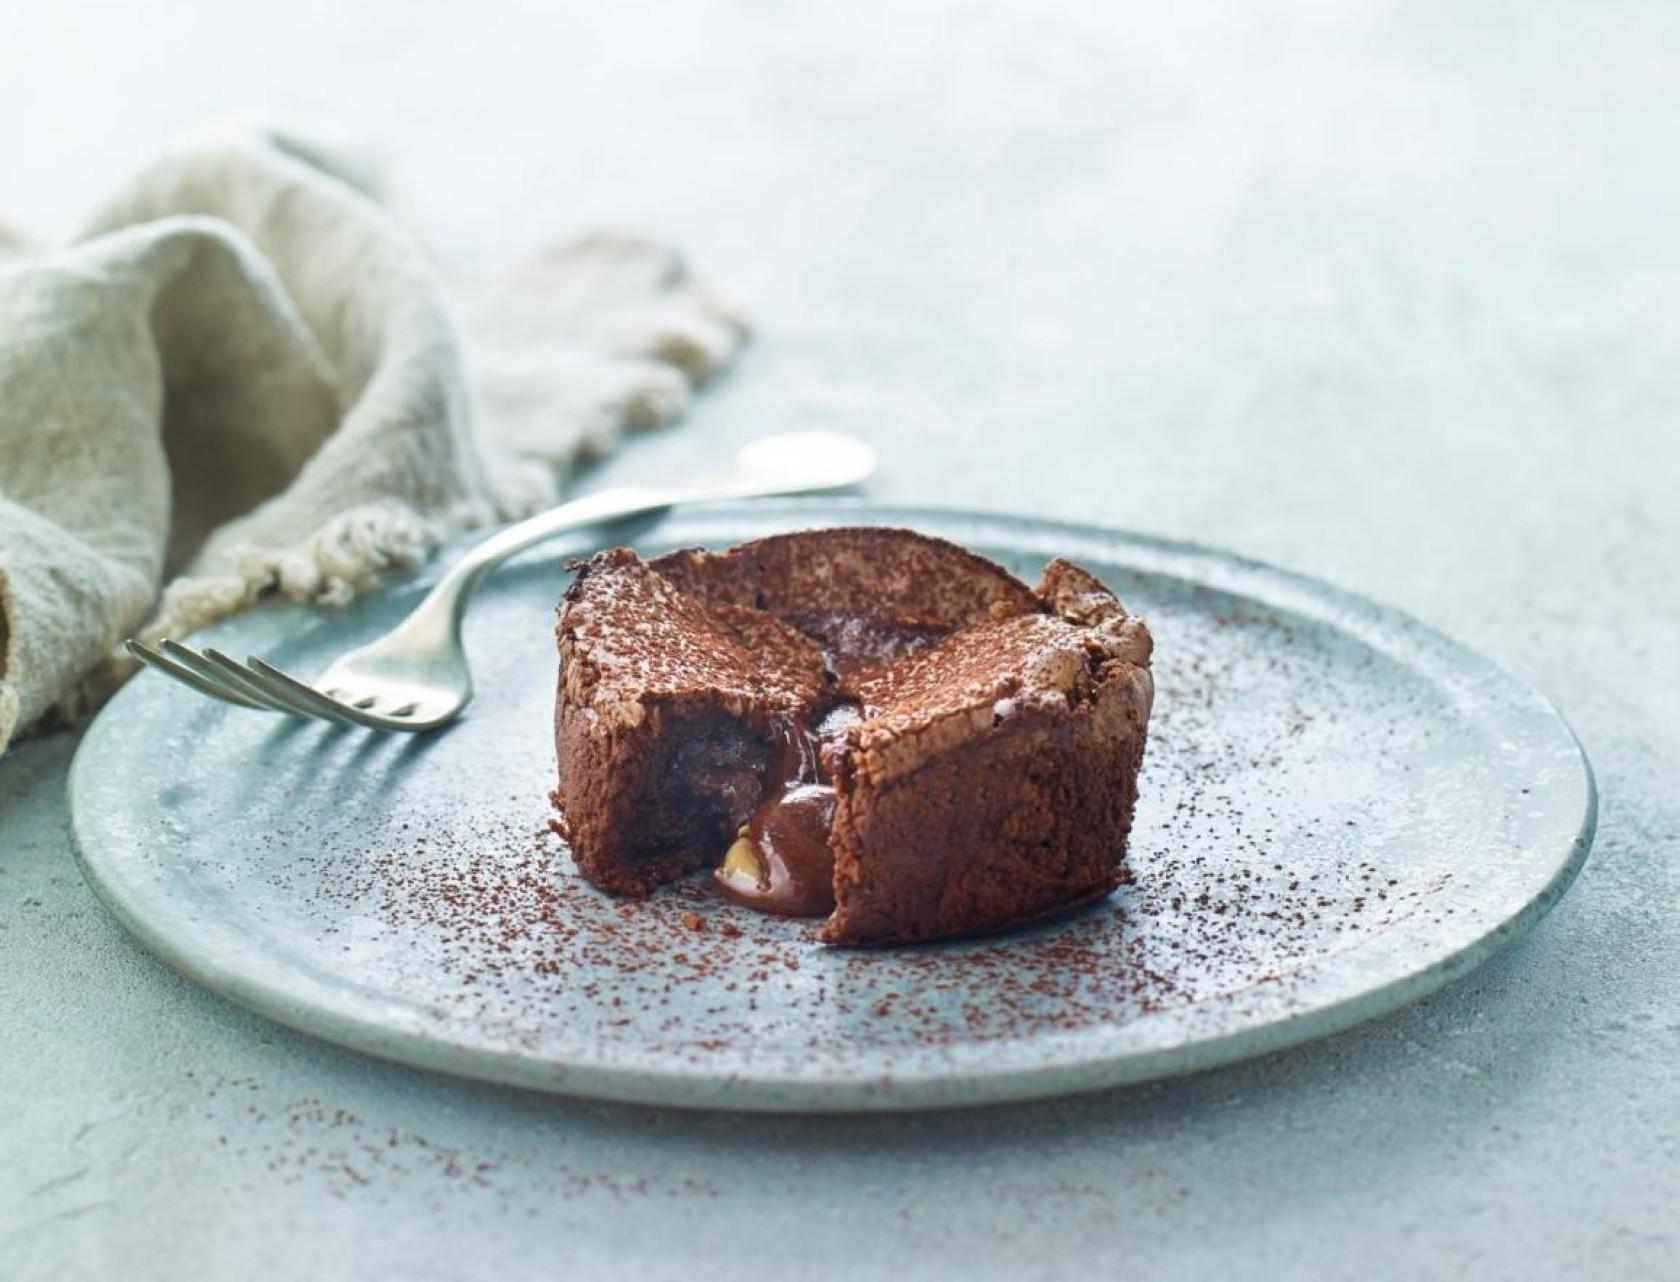 Blødende chokoladekage med peanutbutter - den bedste opskrift!